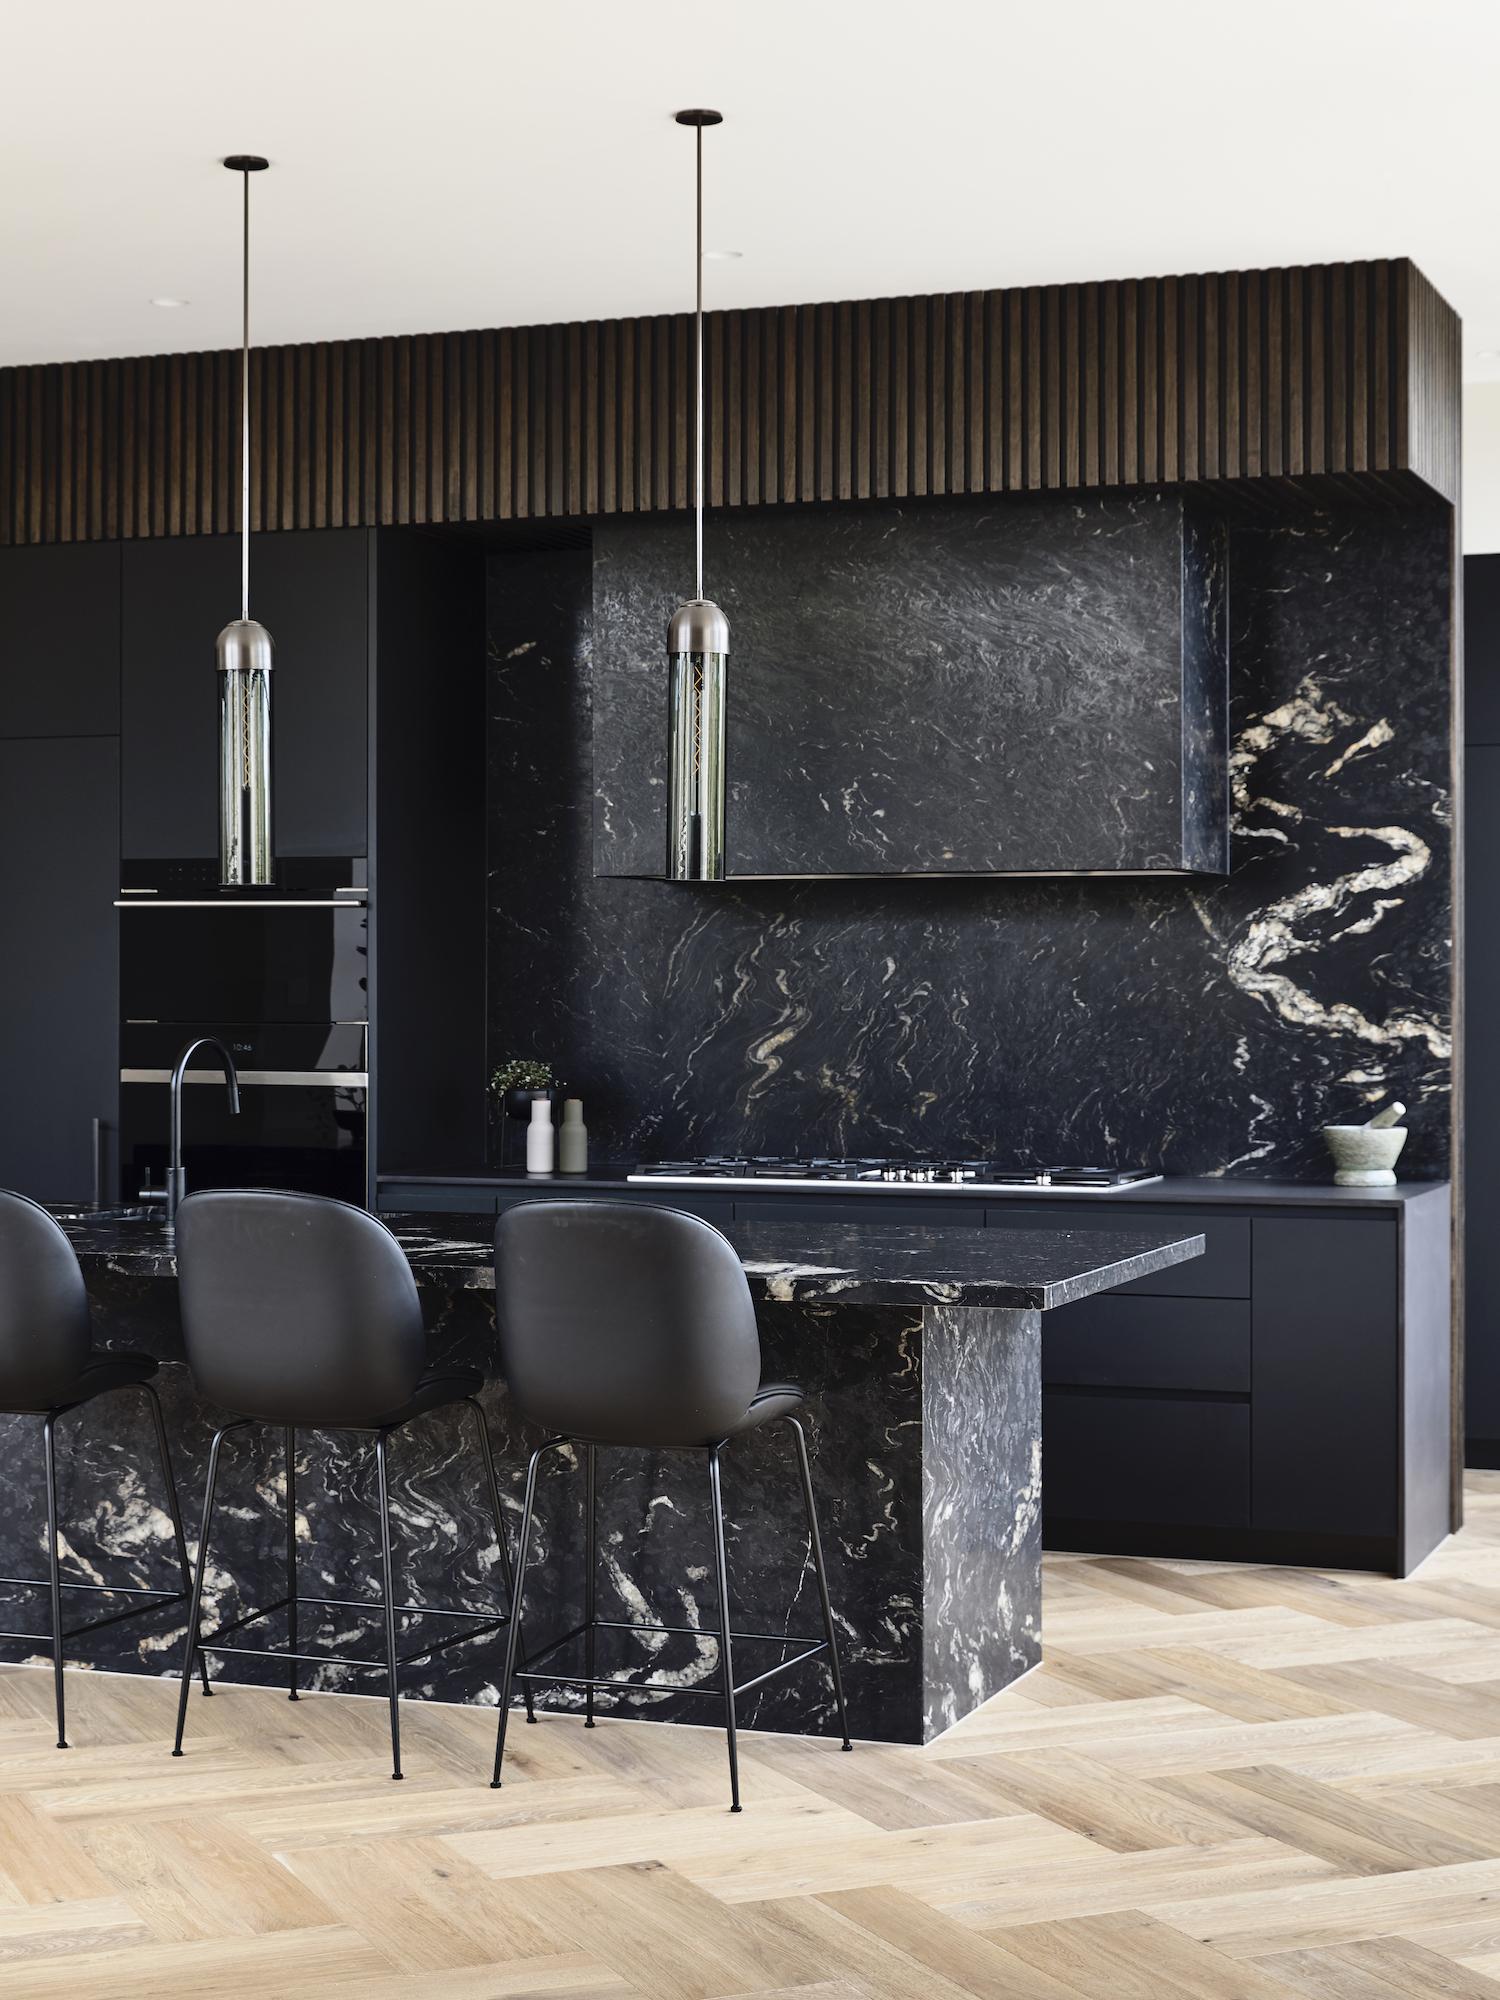 est living dutch gable house austin design associates 04